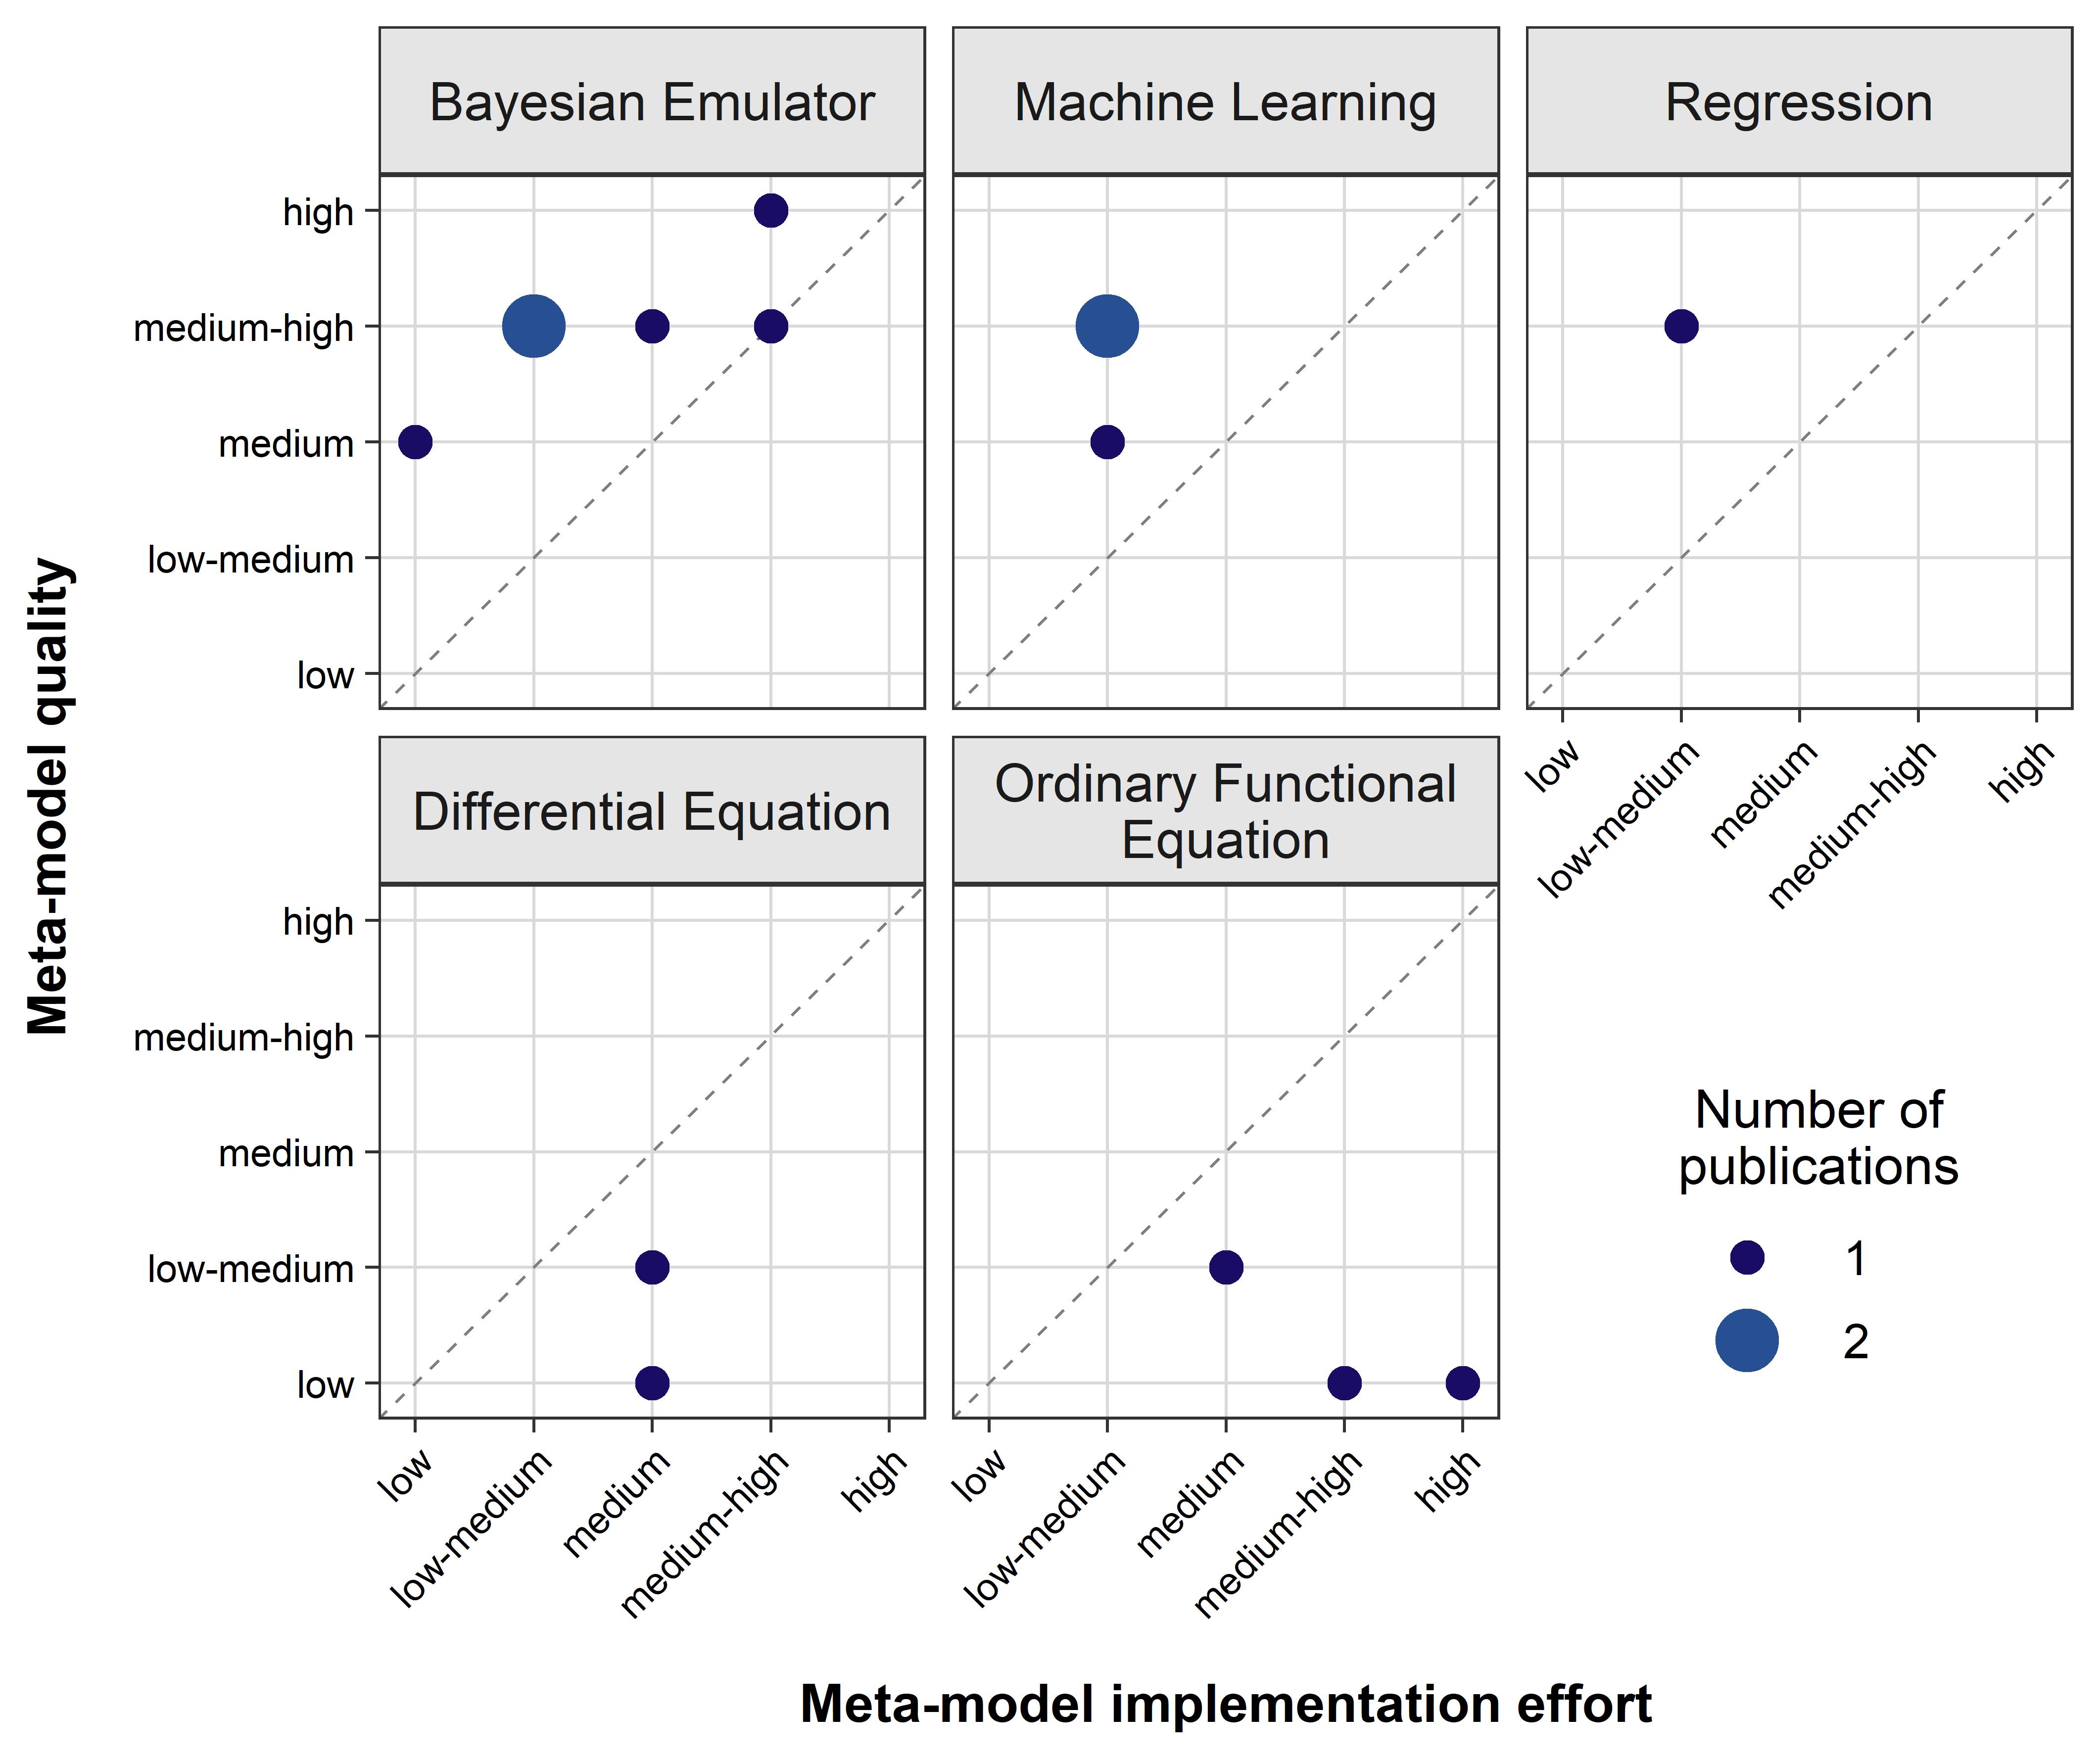 Рисунок 2. Результаты оценки качества ММ и усилий по внедрению для целей калибровки.